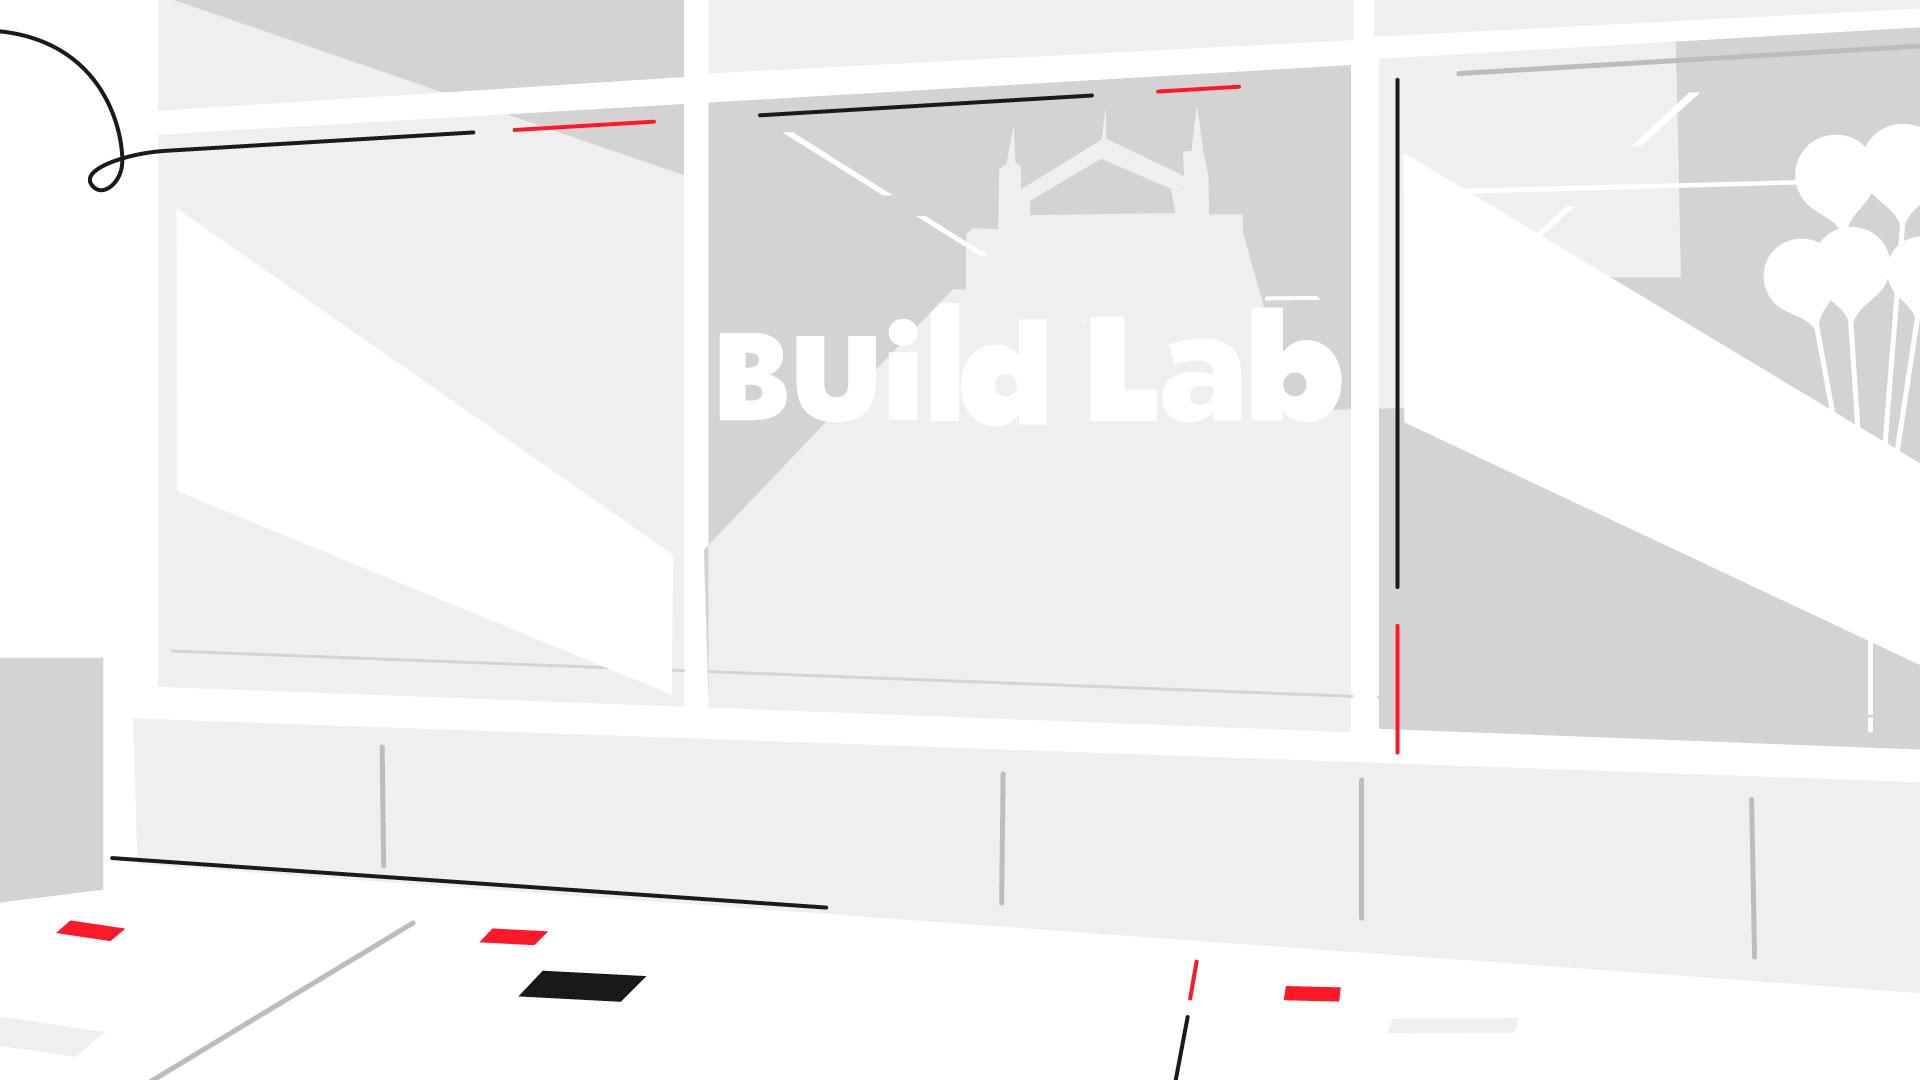 4B_BUILDING_WINDOW_619.jpg